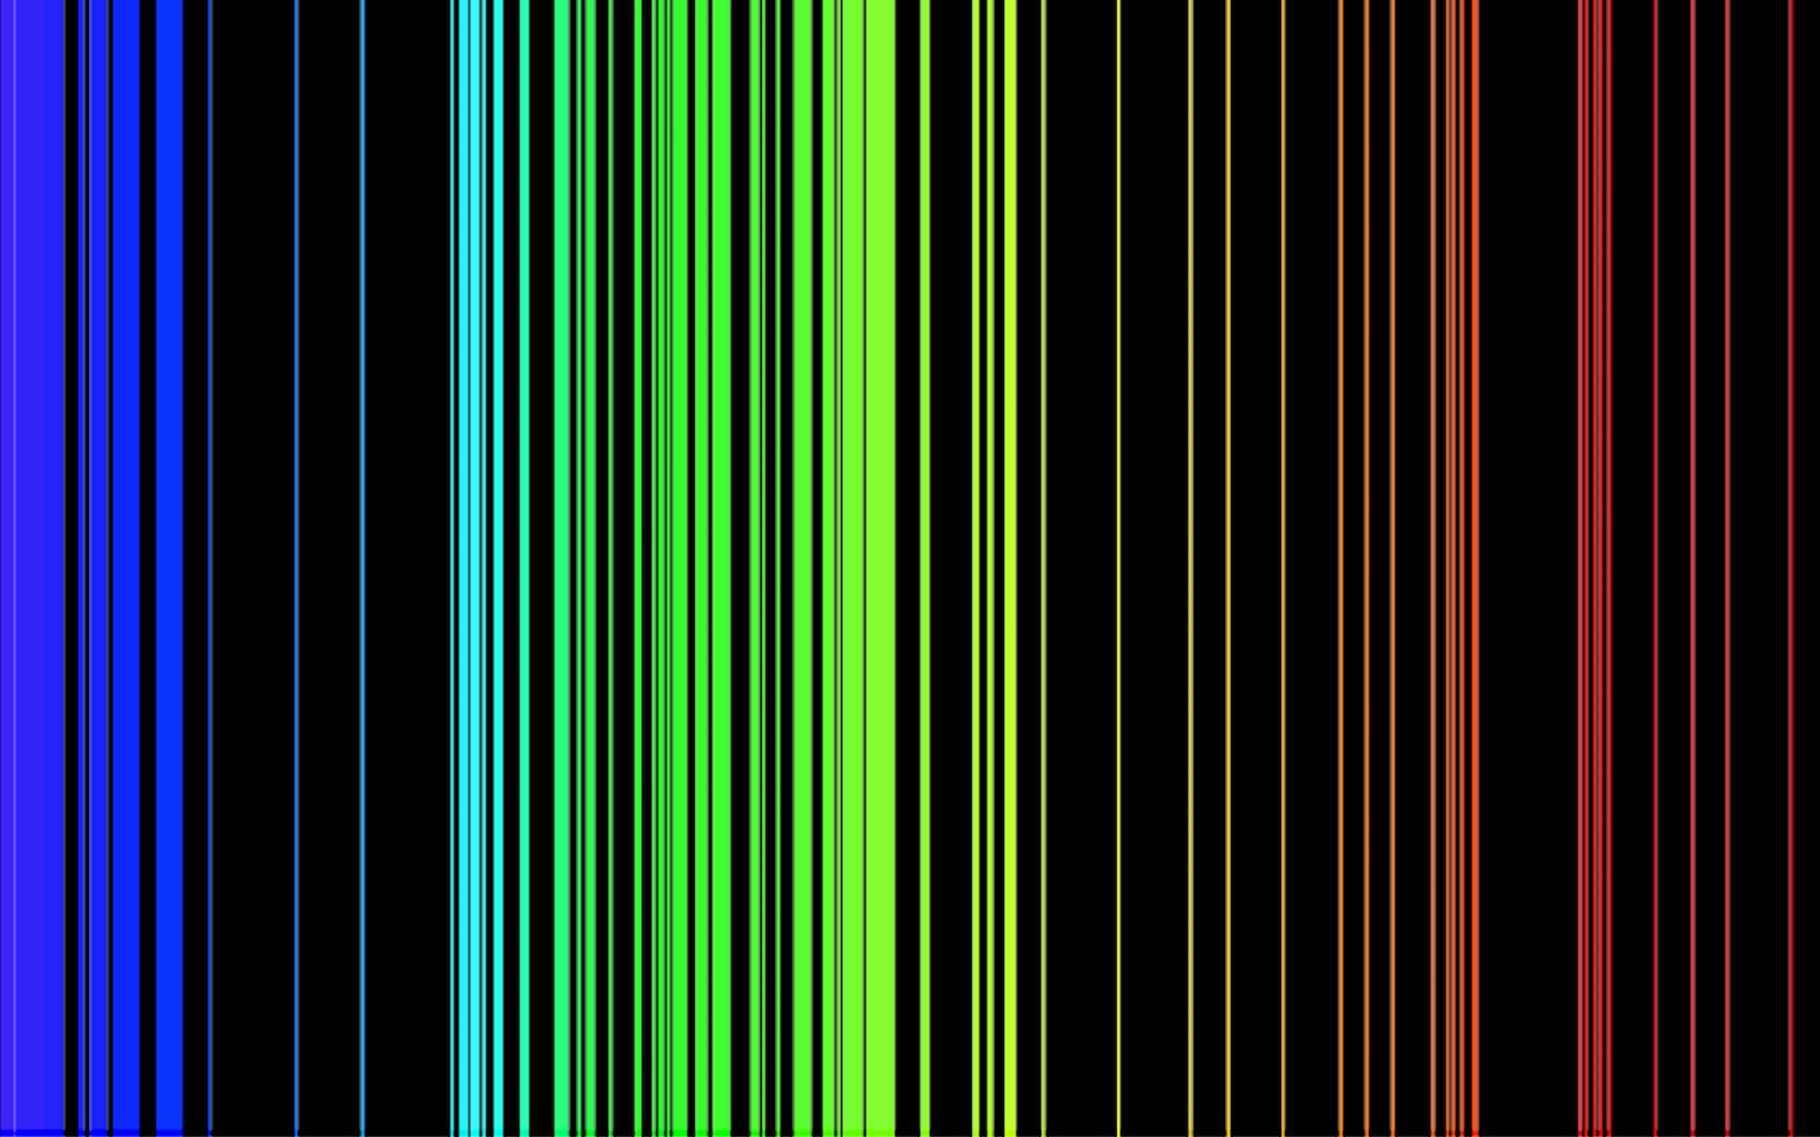 Le spectre d'émission du fer est constitué de nombreuses raies. © nilda, Wikipedia, DP